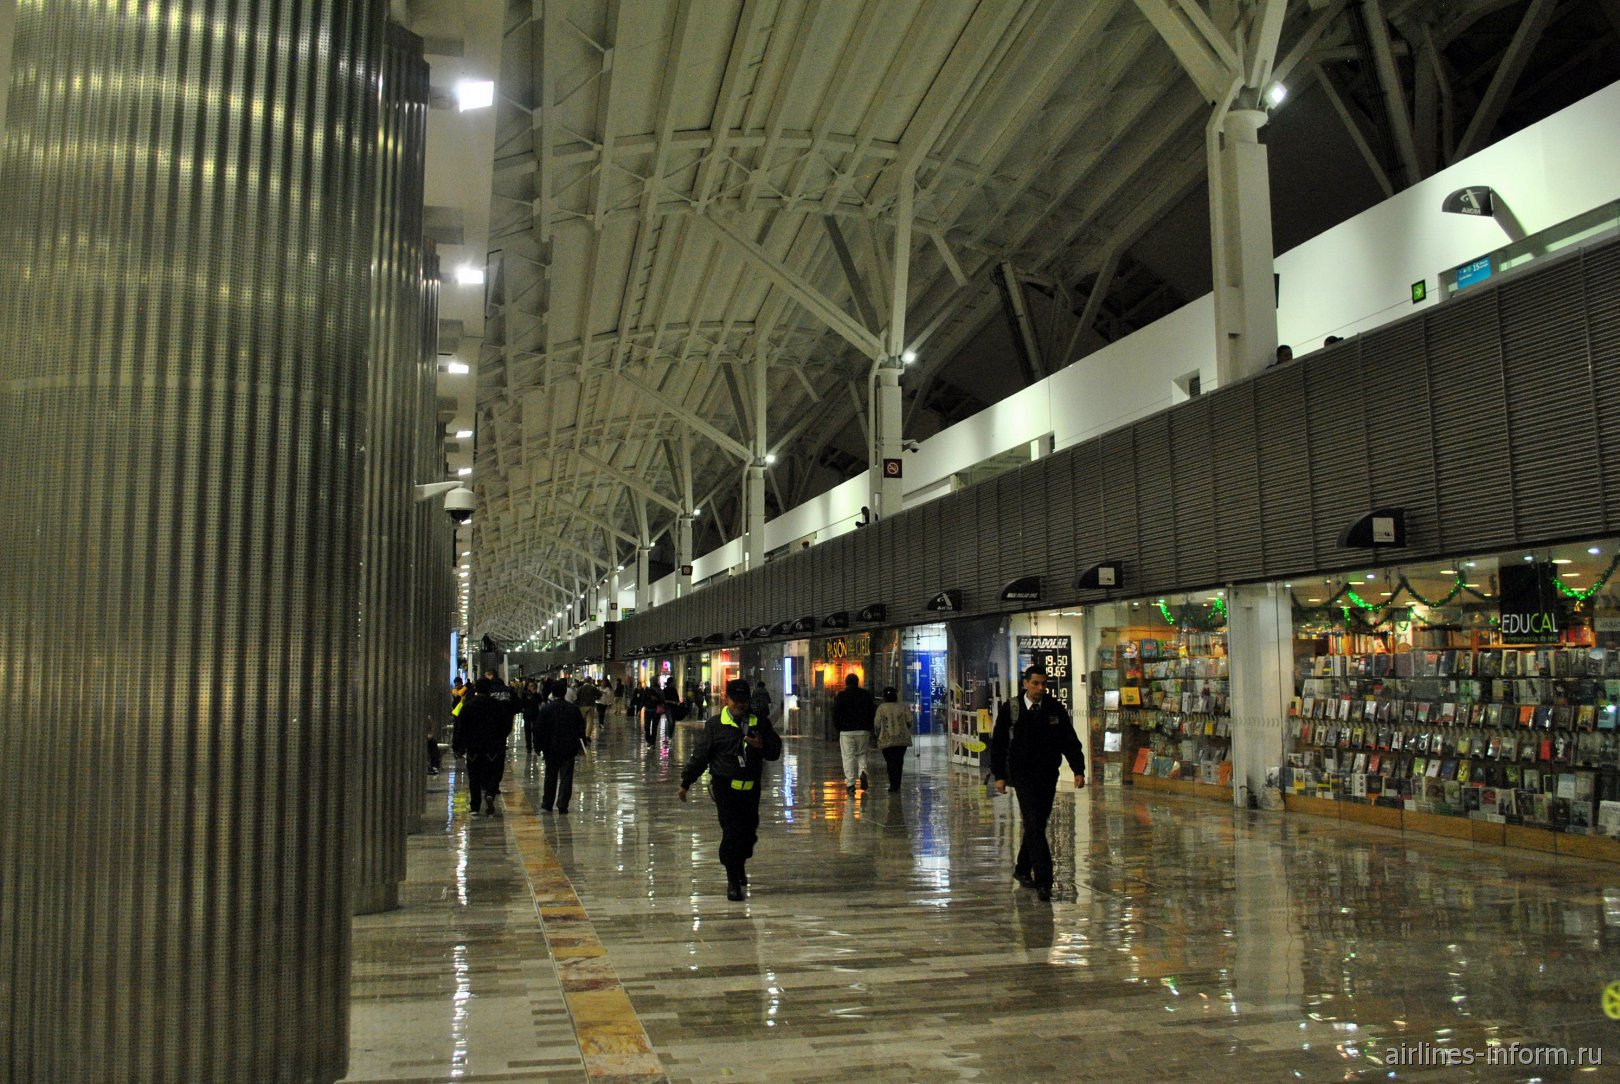 Переход в аэропорту Мехико Бенито Хуарес